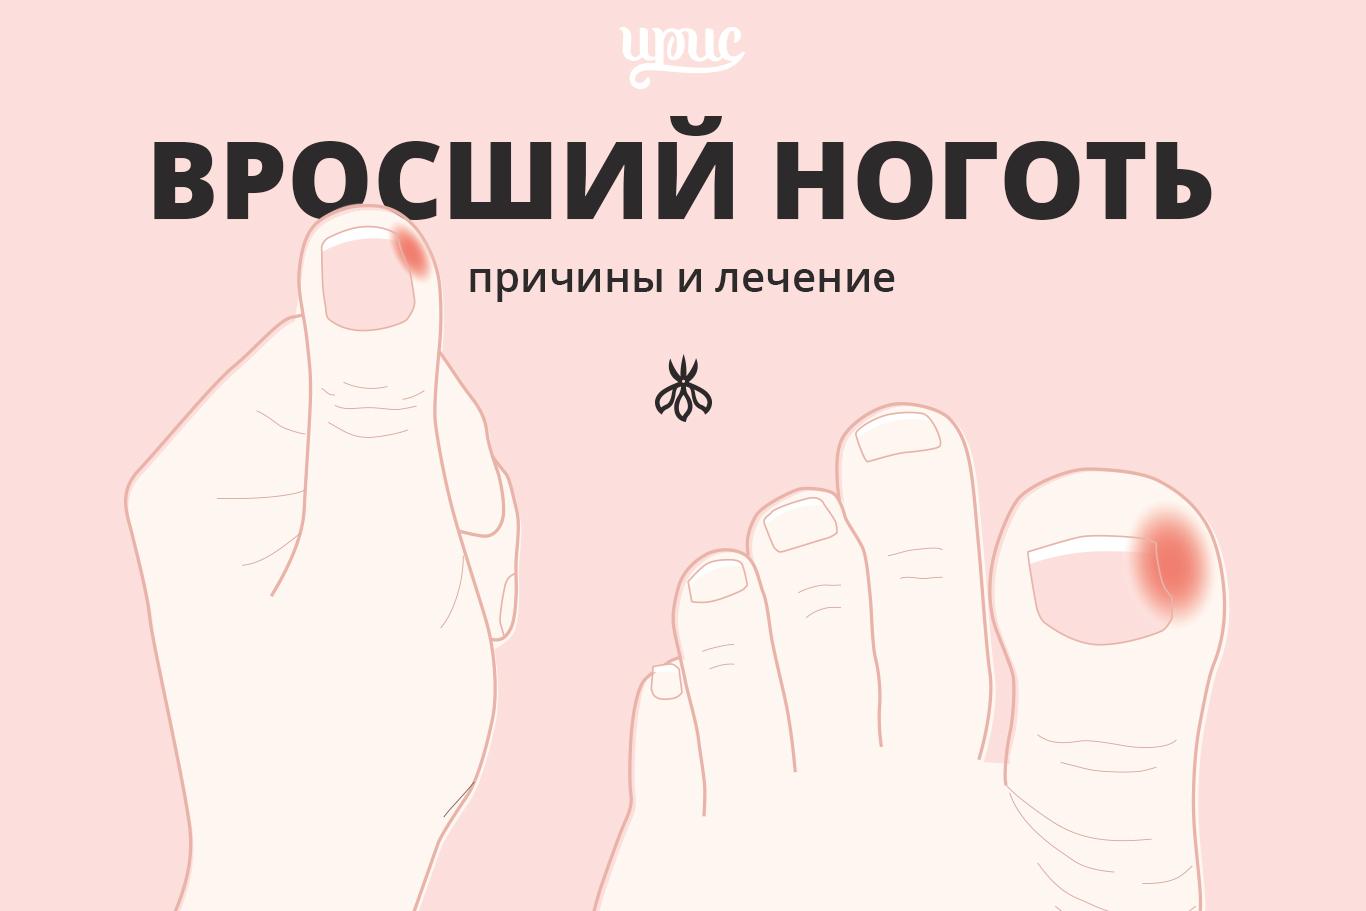 Как обезболить палец чтобы вырезать ноготь